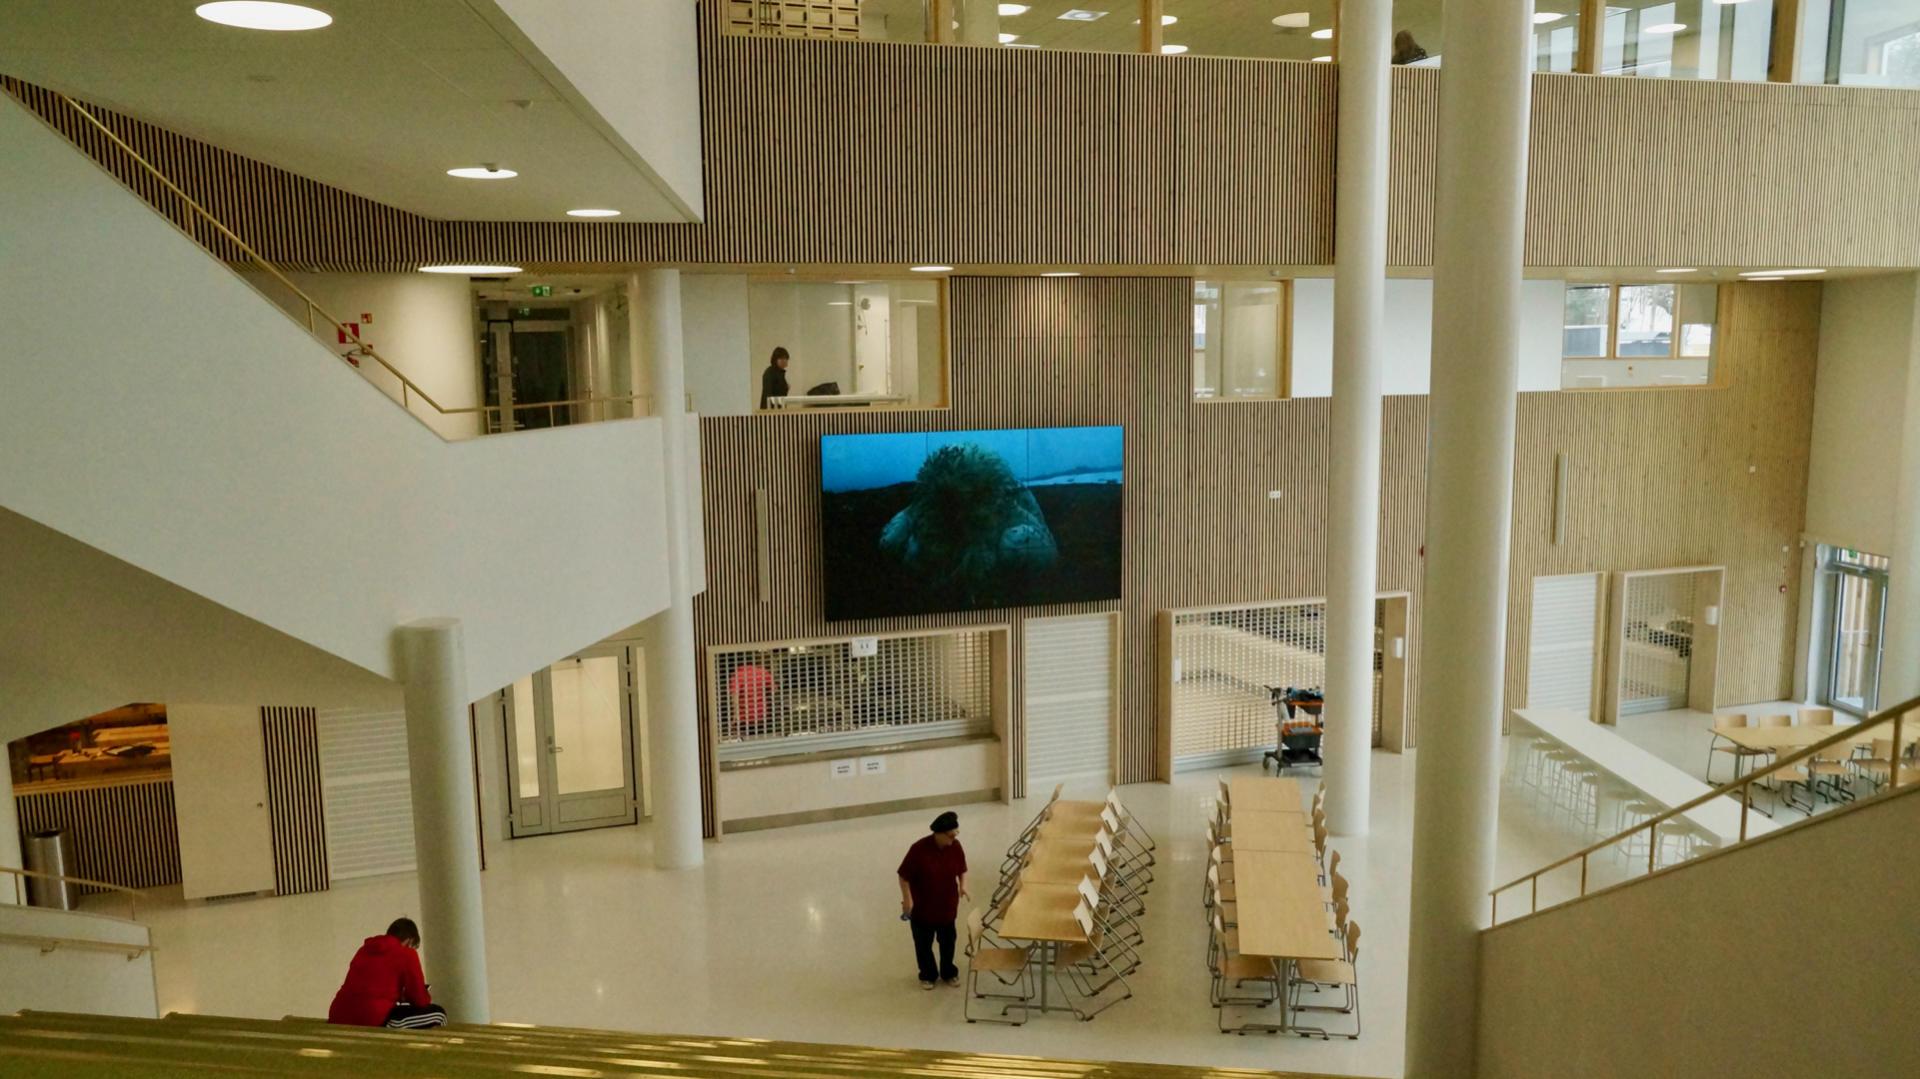 Преподаватели могут управлять огромной панелью в столовой-актовом зале со своих мобильных телефонов. Фотография: ScandiNews